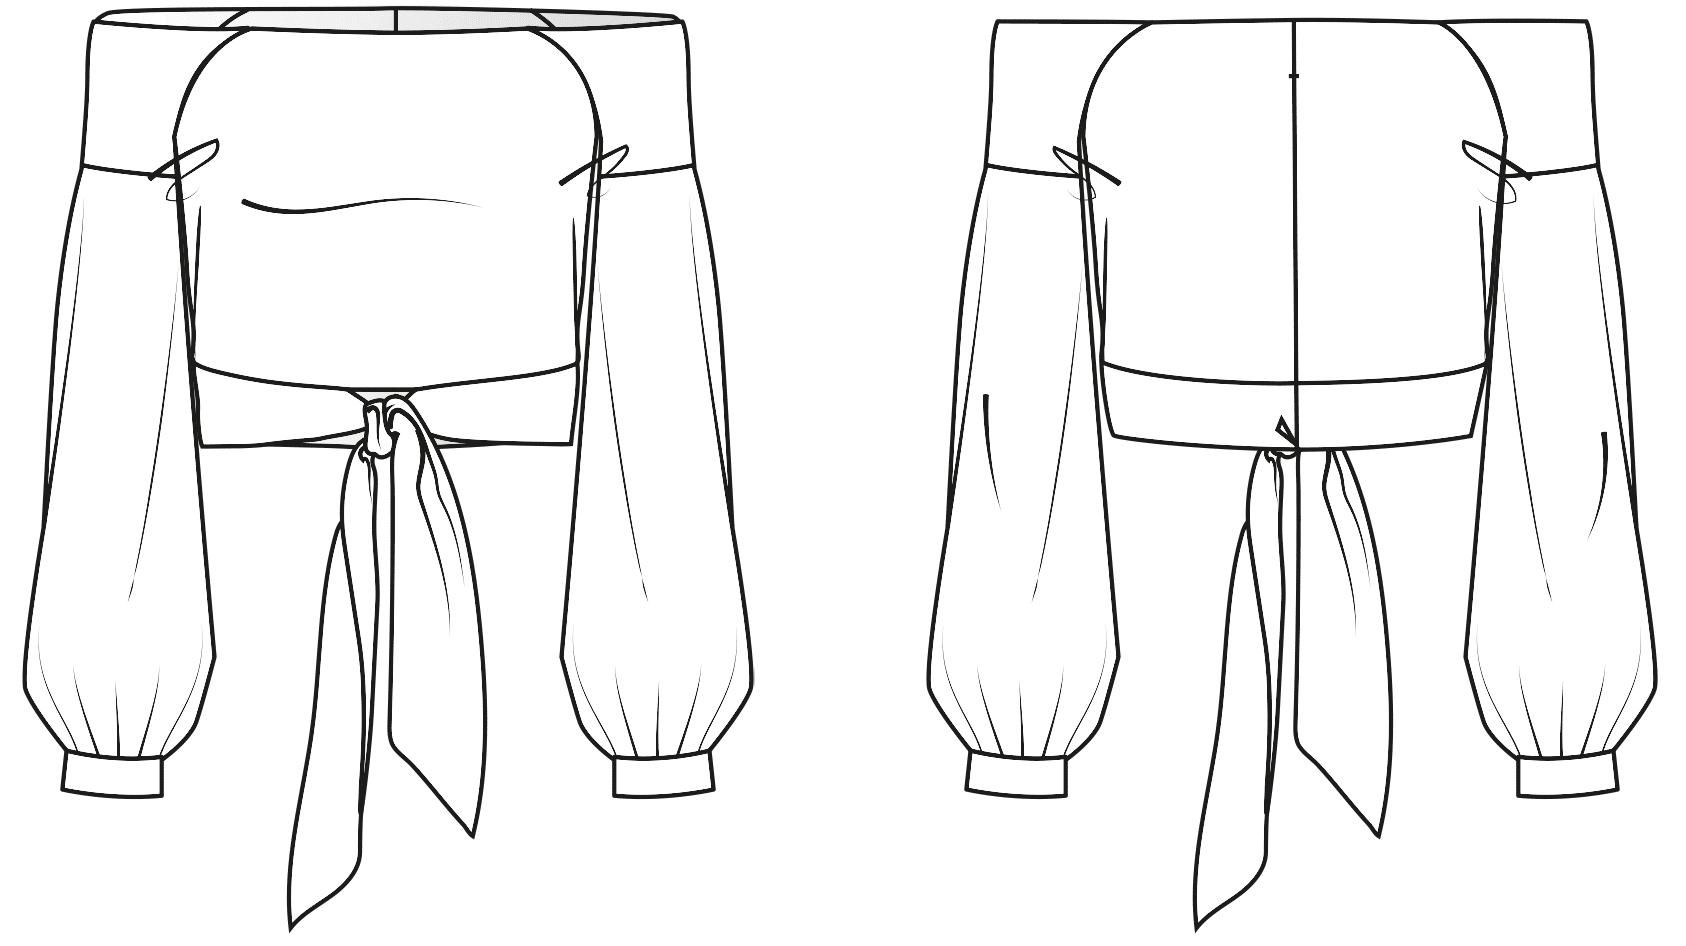 Diese Abbildung zeigt die Vorder- und Rückansicht einer technischen Zeichnung von einer Off-Shoulder Bluse. Sie dient als Vorlage für ein Schnittmuster auf einem Schnittmusterbogen von Müller und Sohn.